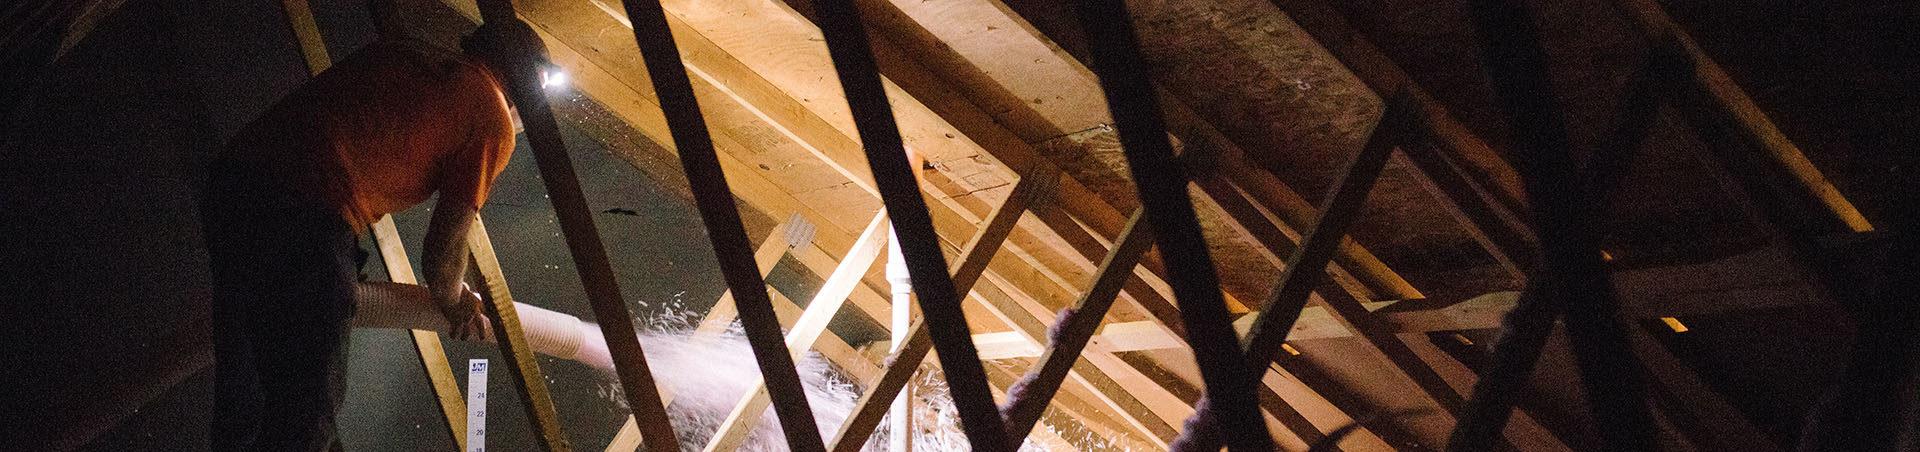 Kinzler Construction Services - Cedar Rapids, IA